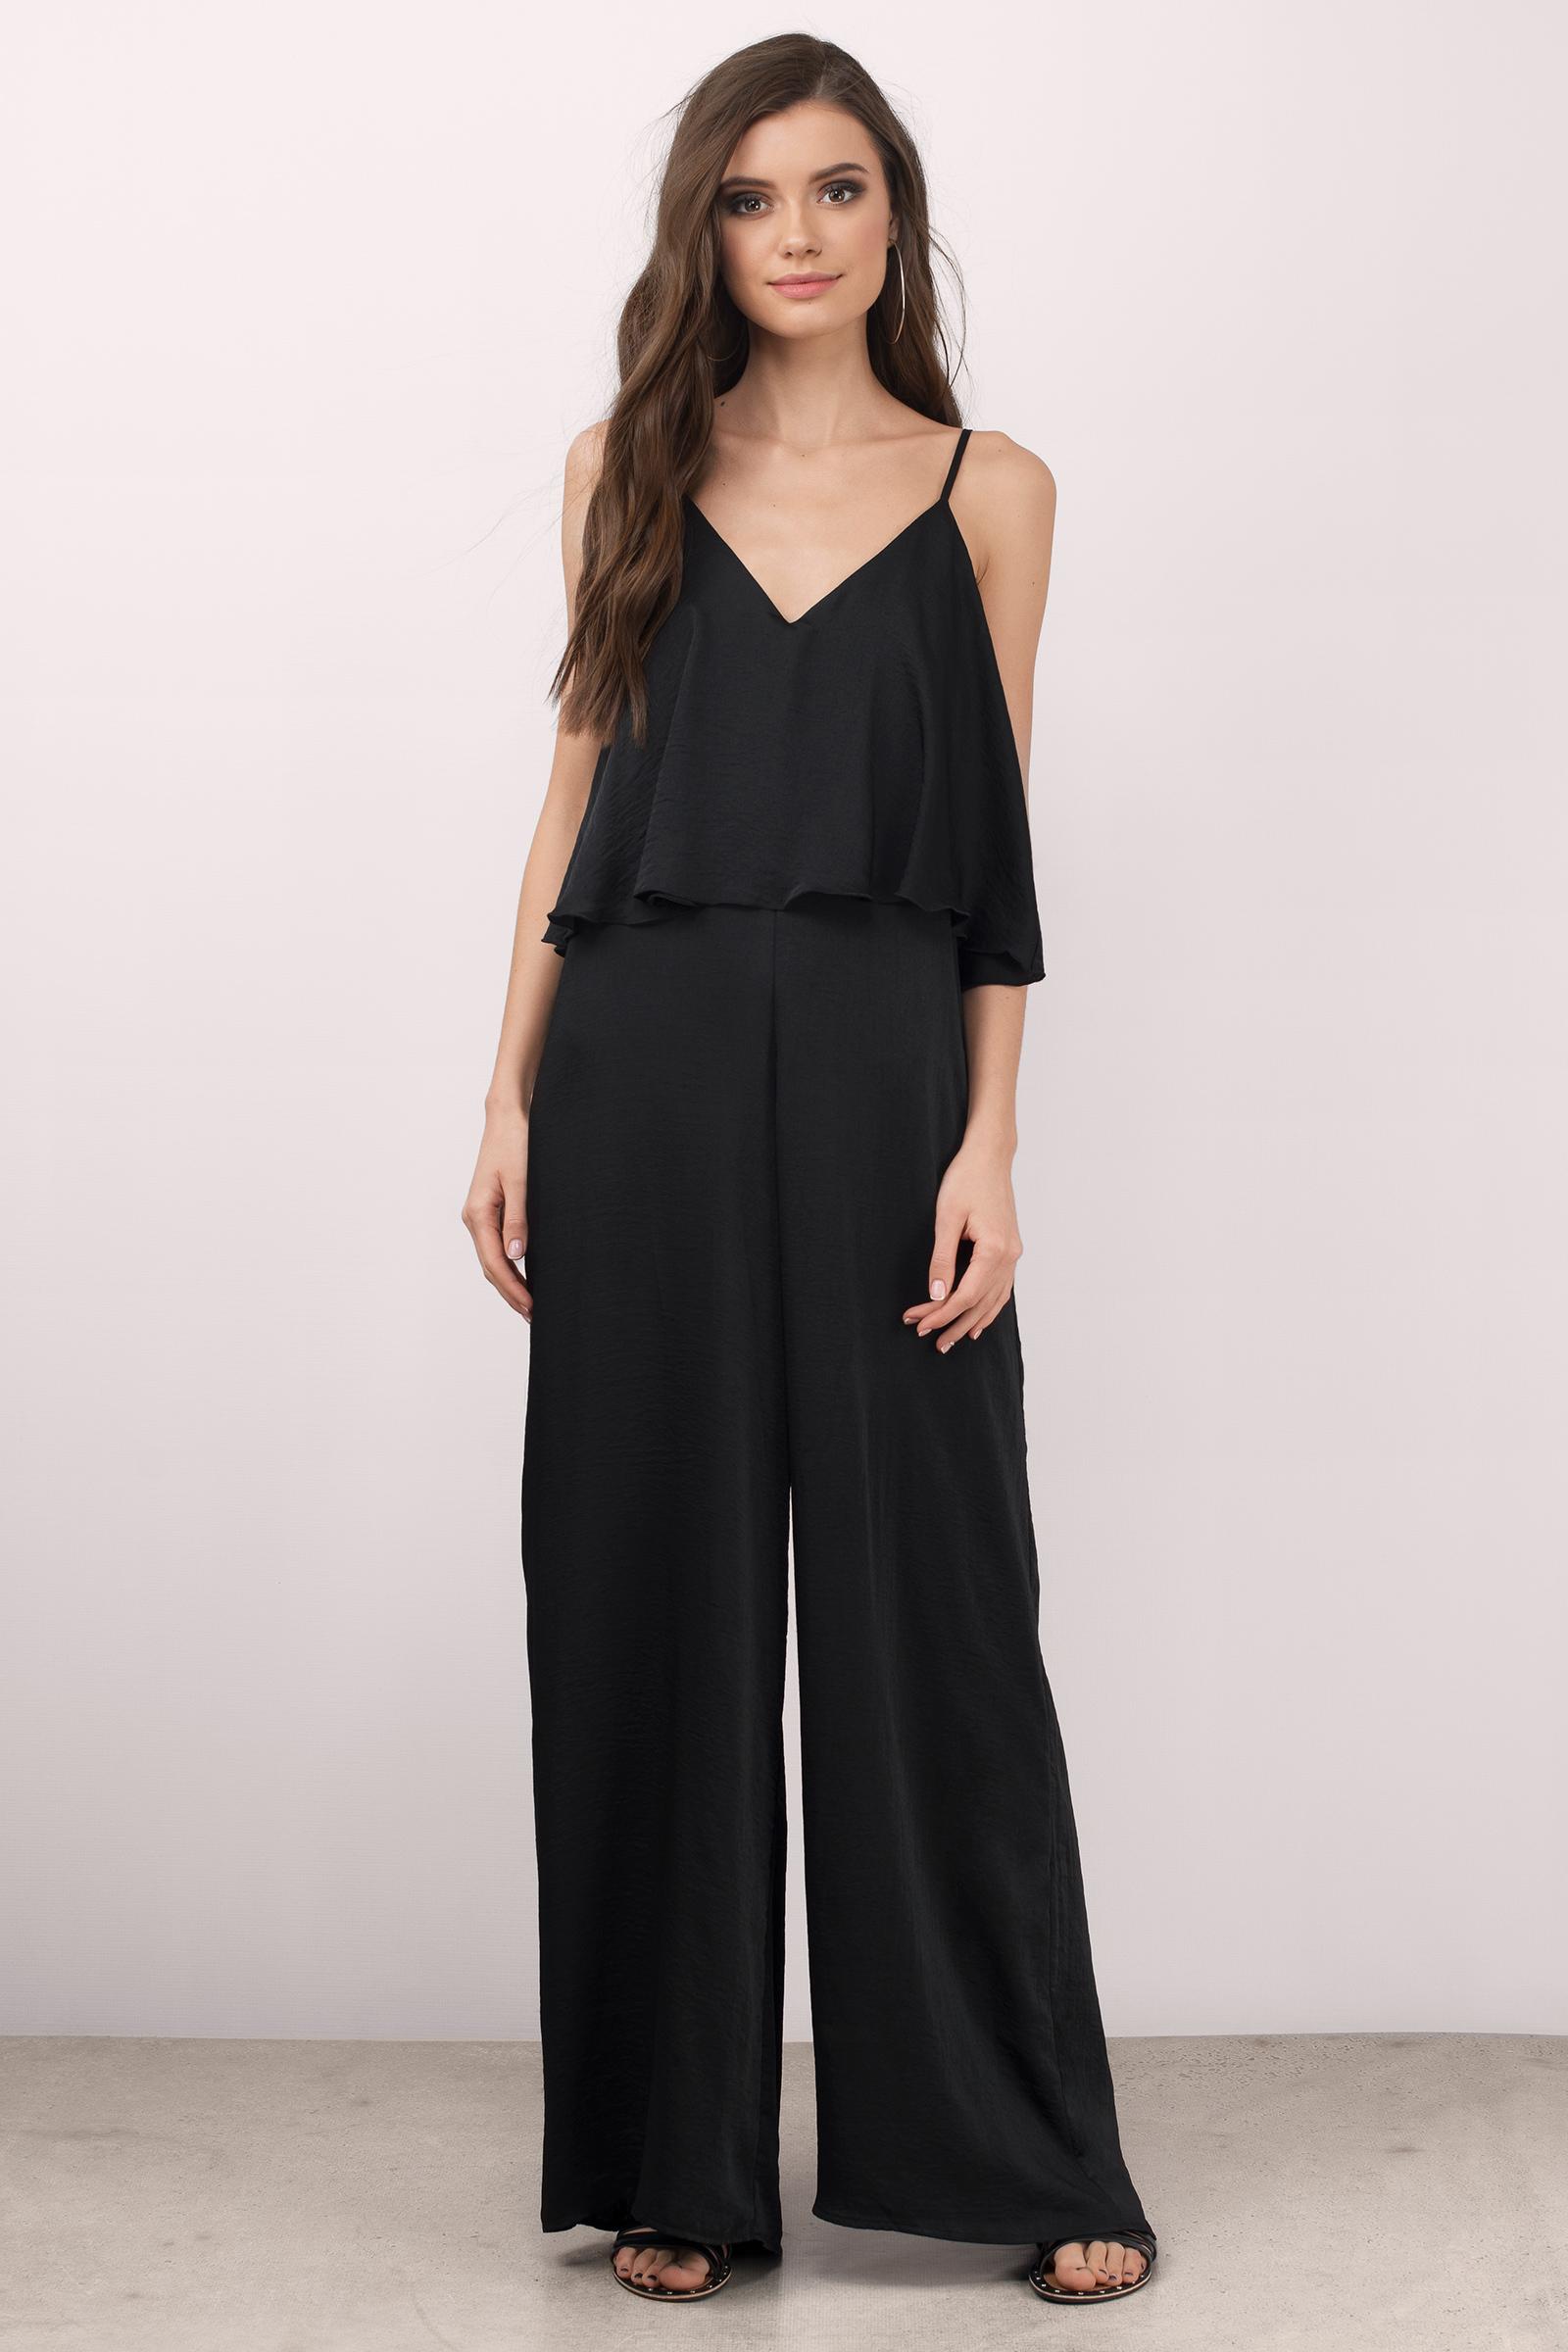 Cute Black Jumpsuit - Wide Leg Jumpsuit - $70.00